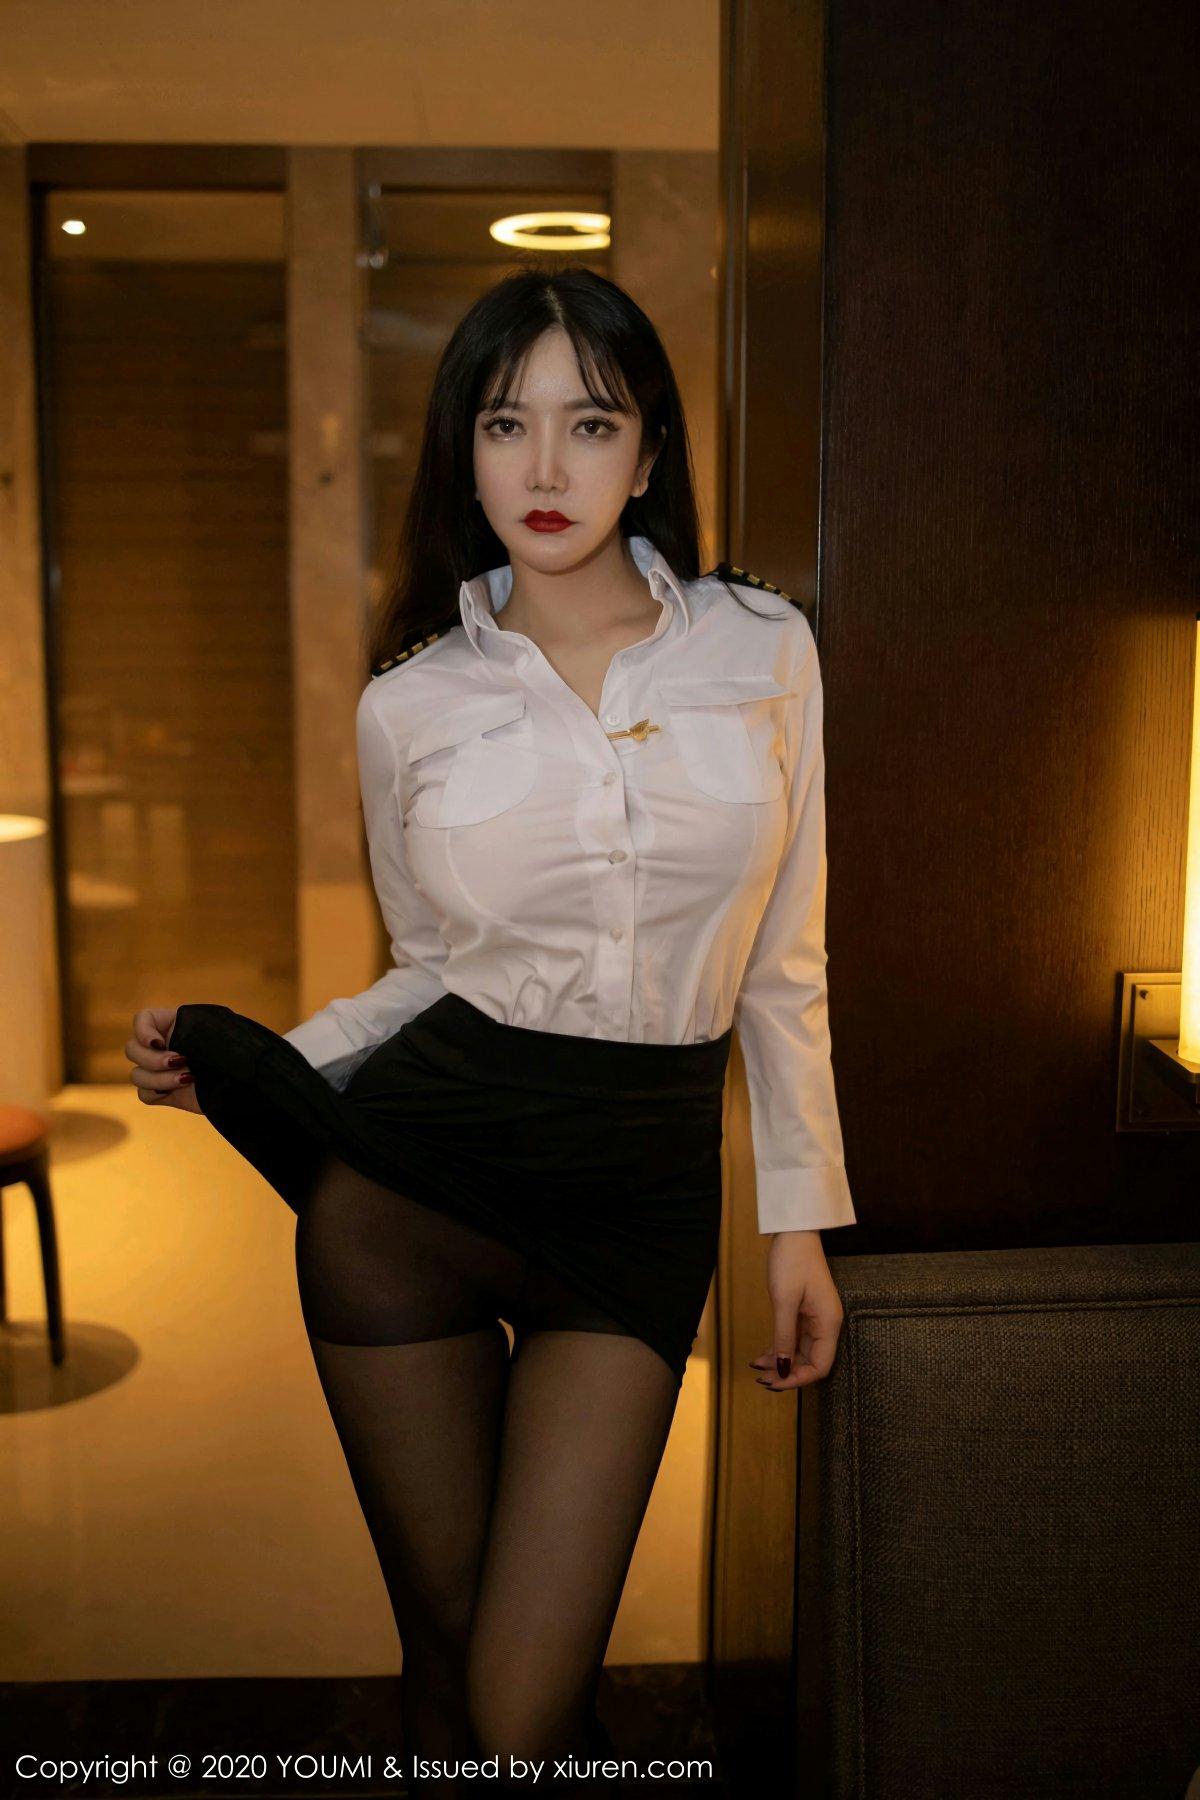 [YOUMI尤蜜荟]2020.03.04 VOL.428 心妍小公主[29P] 尤蜜荟 第1张